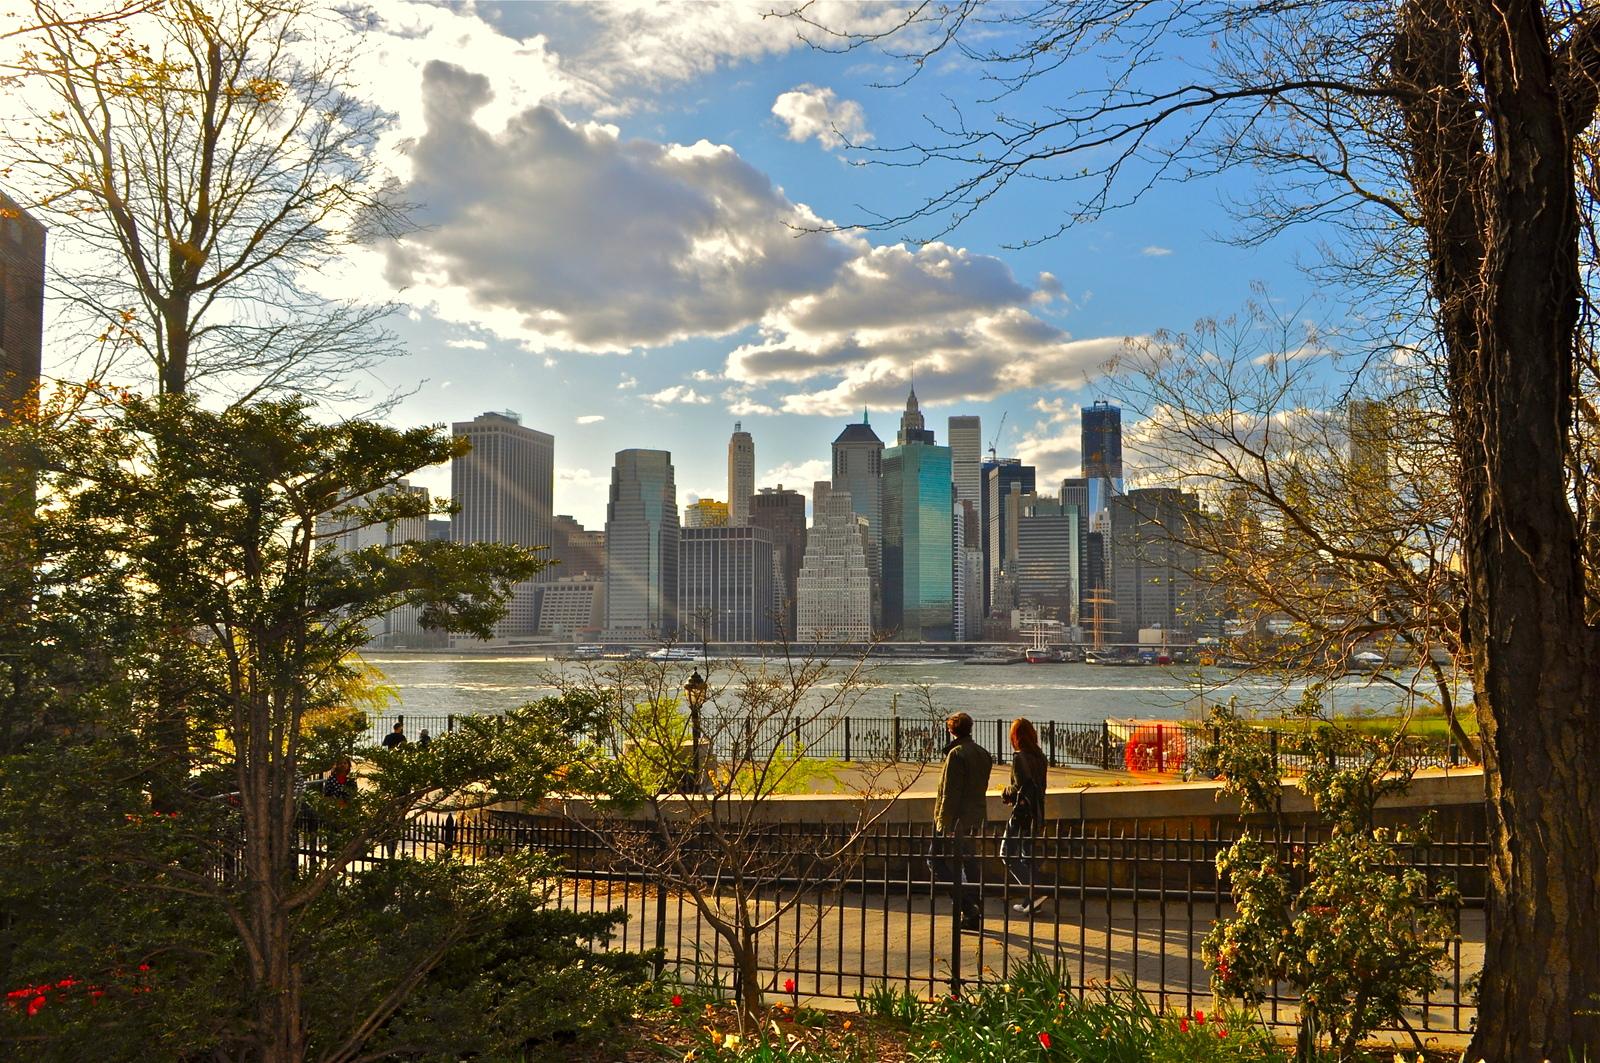 Photo: The Brooklyn Heights Promenade. Chuck Taylor/Brooklyn Heights Blog